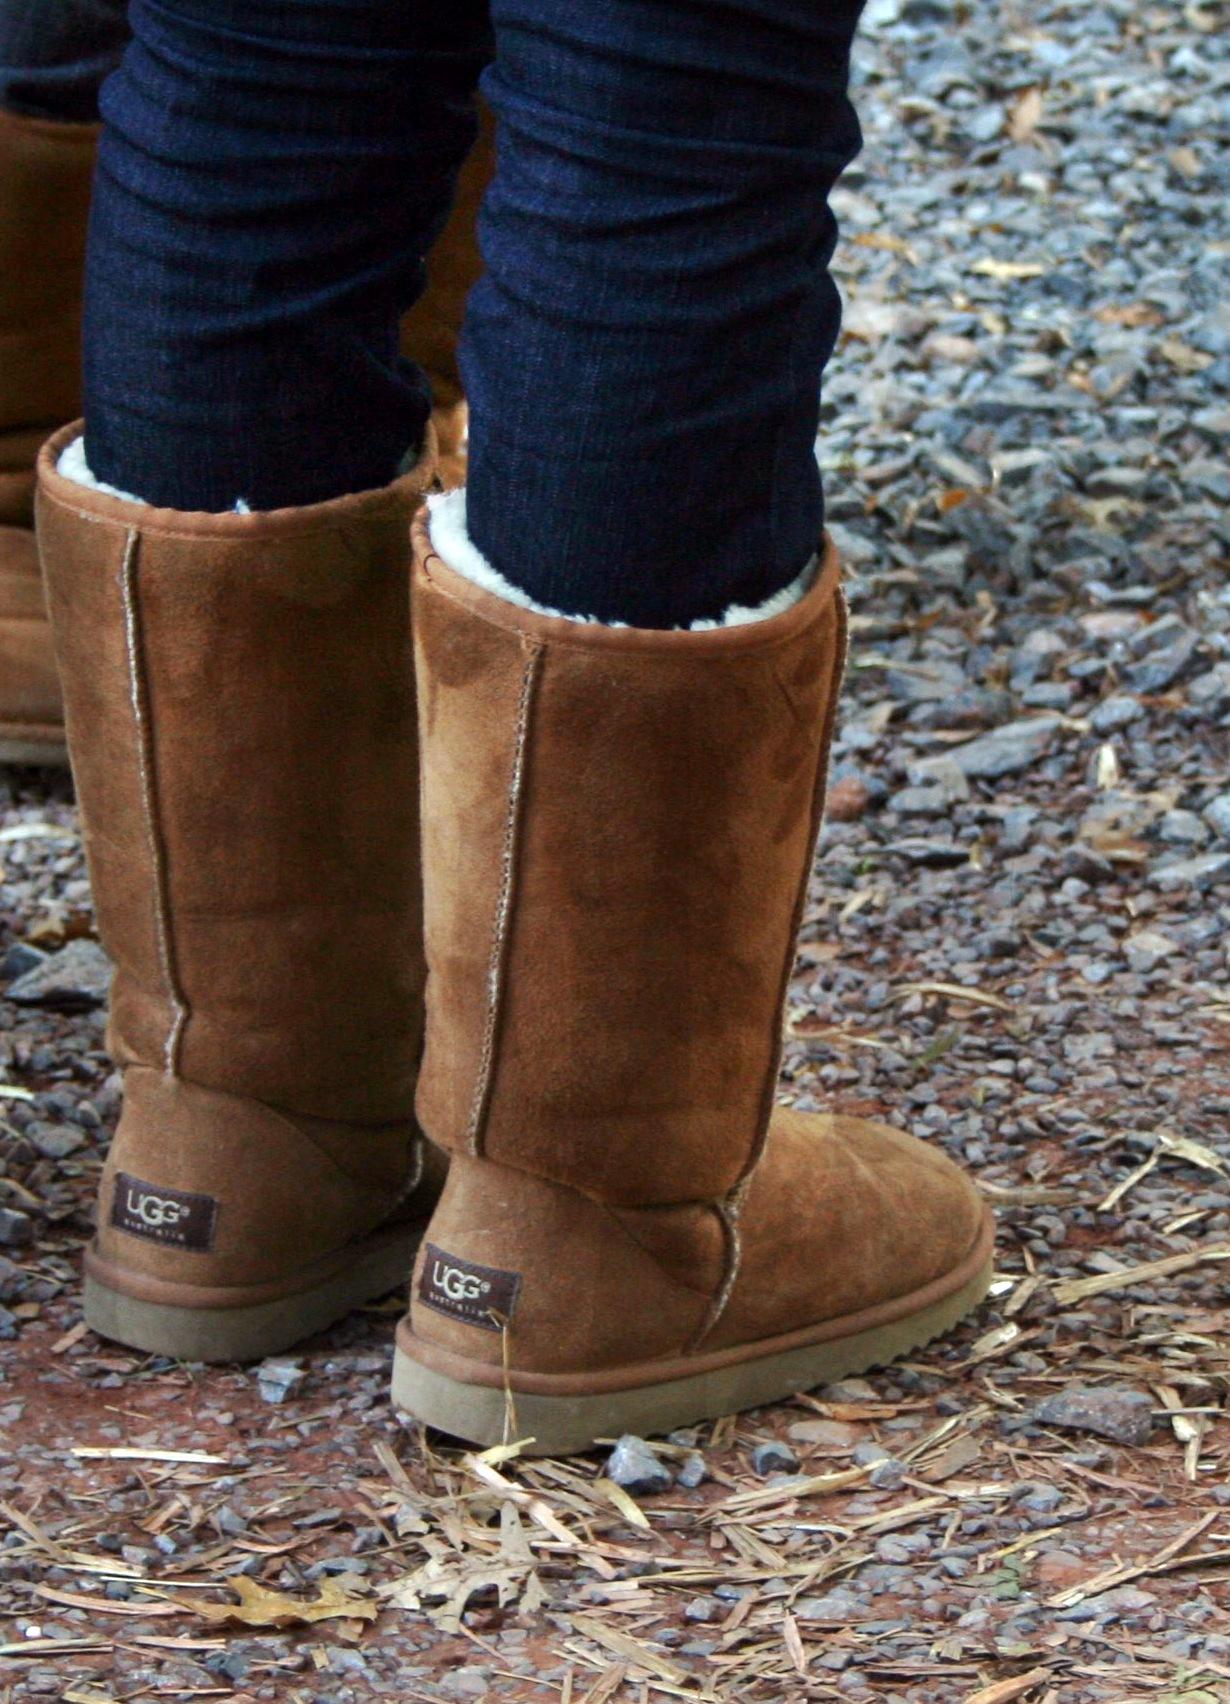 79c6d44819f6 самая теплая женская зимняя обувь 4 ...